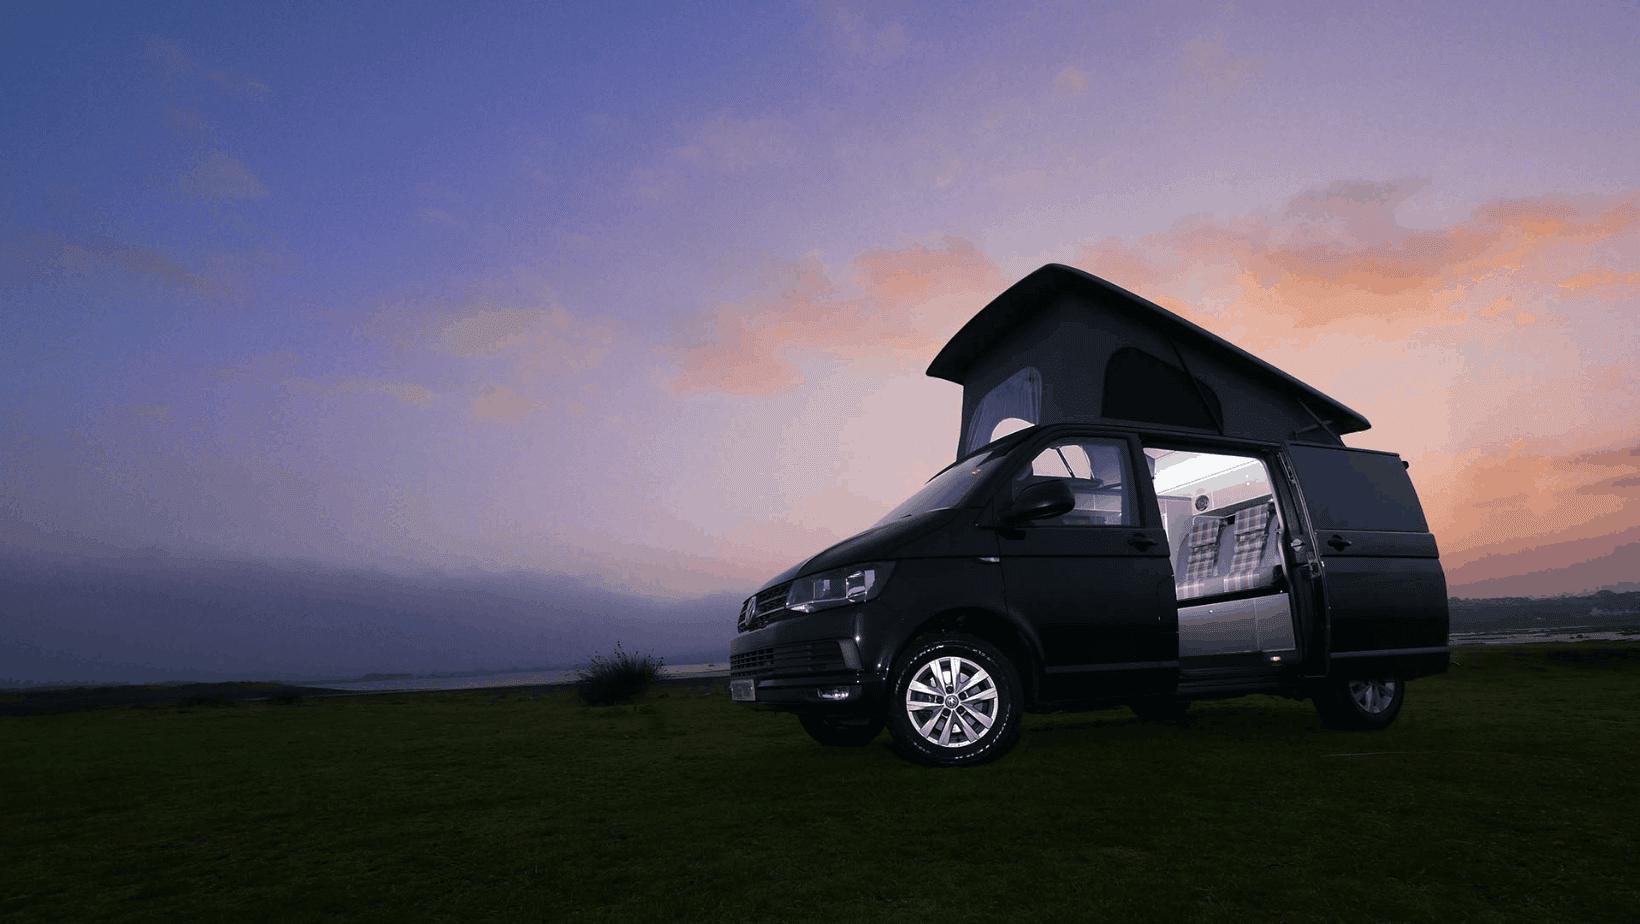 Campervan at Dusk